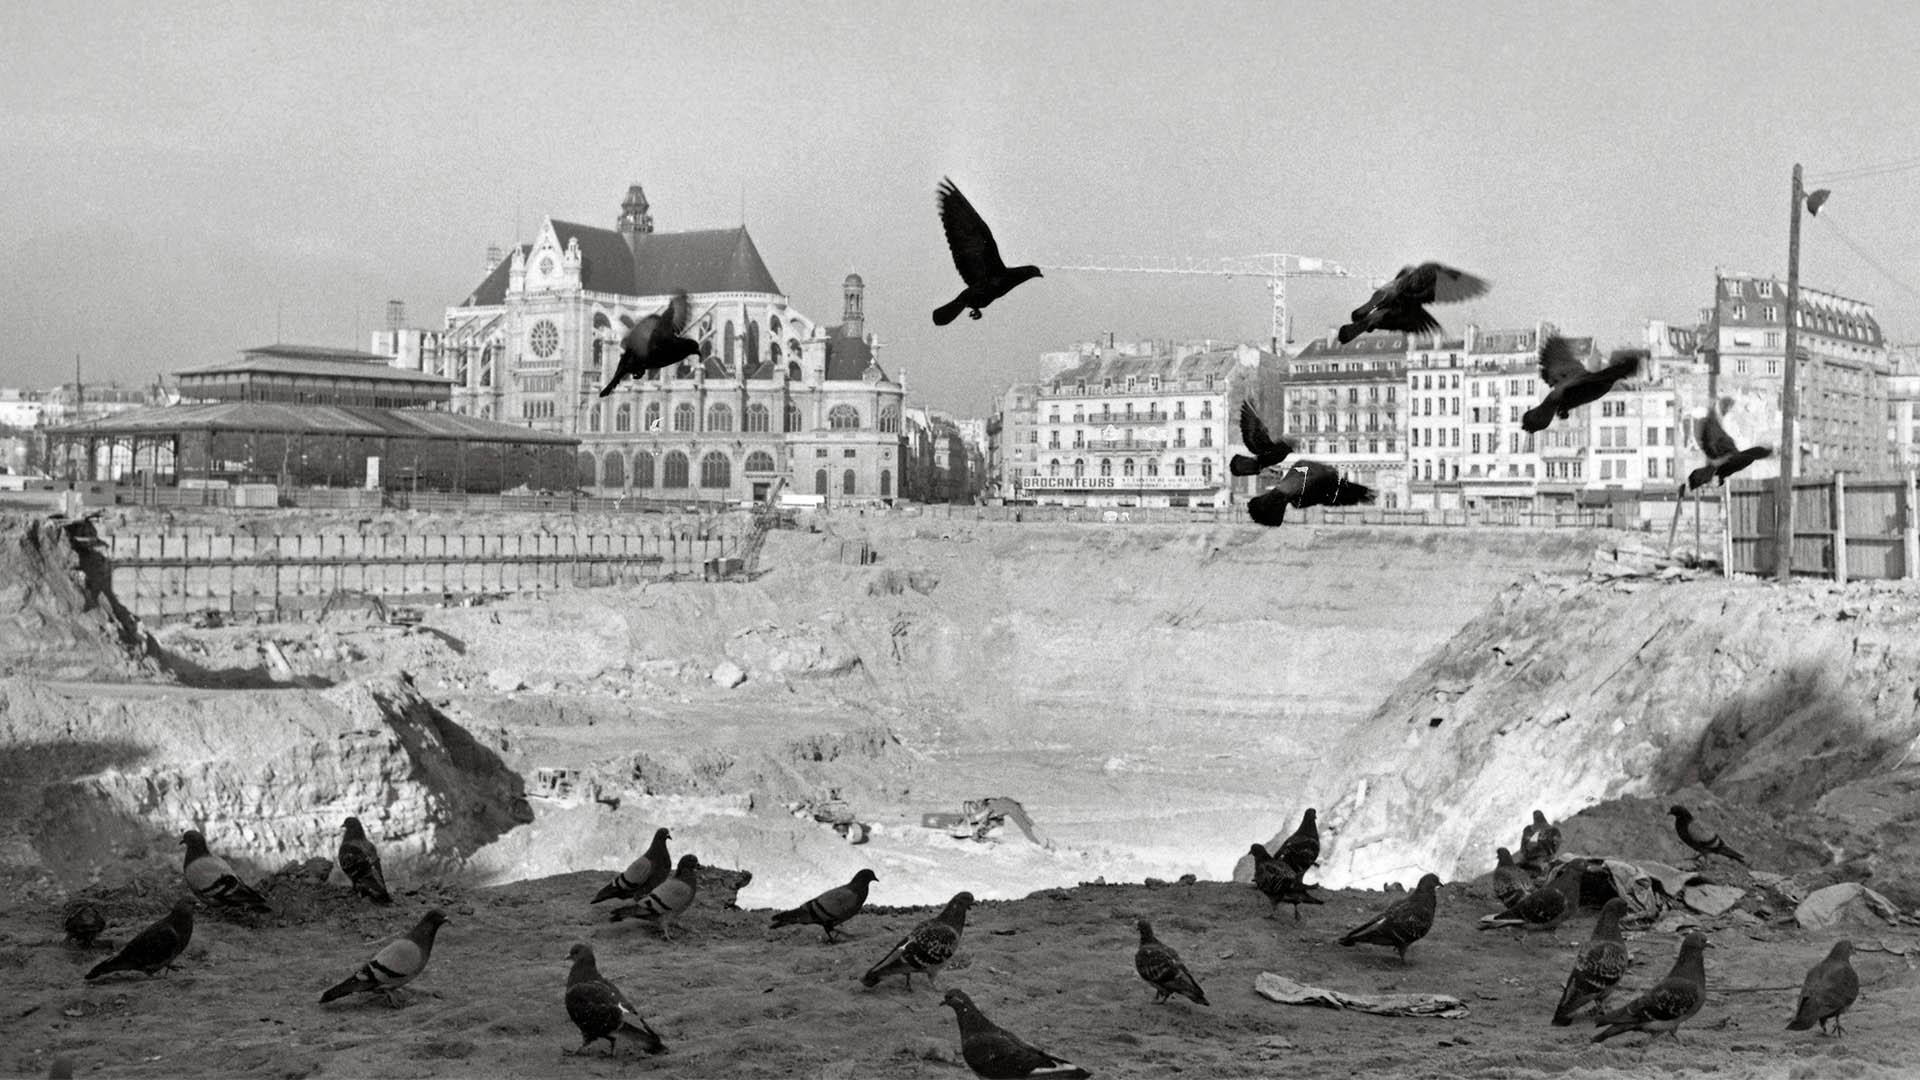 Le-destin-des-halles-les oiseaux-1973